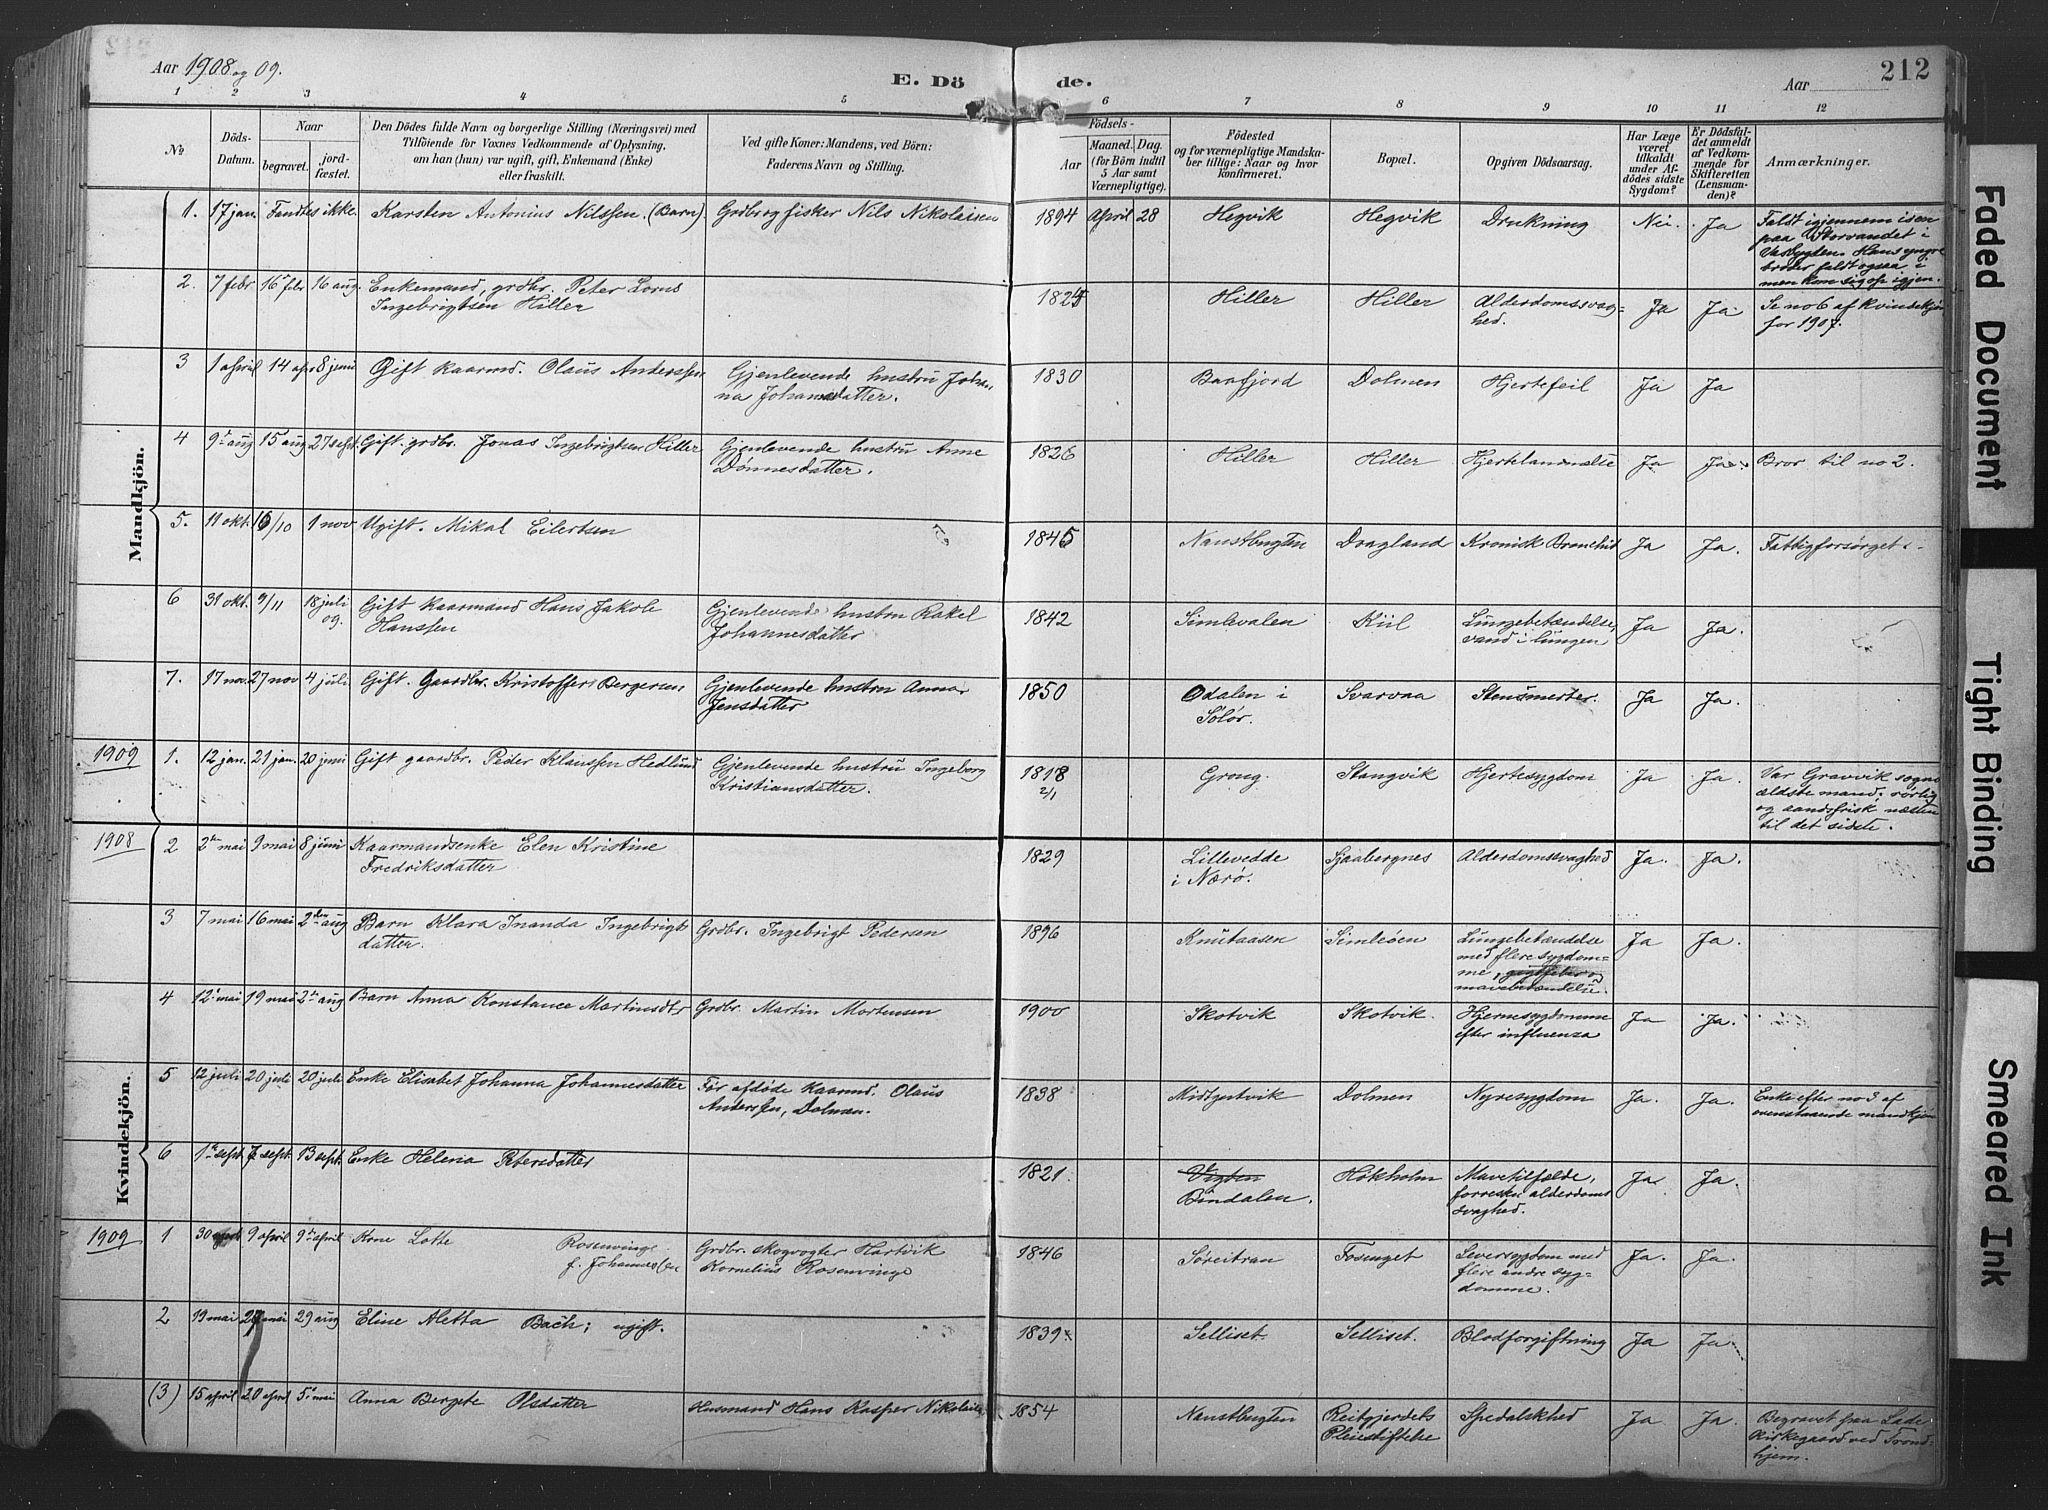 SAT, Ministerialprotokoller, klokkerbøker og fødselsregistre - Nord-Trøndelag, 789/L0706: Klokkerbok nr. 789C01, 1888-1931, s. 212